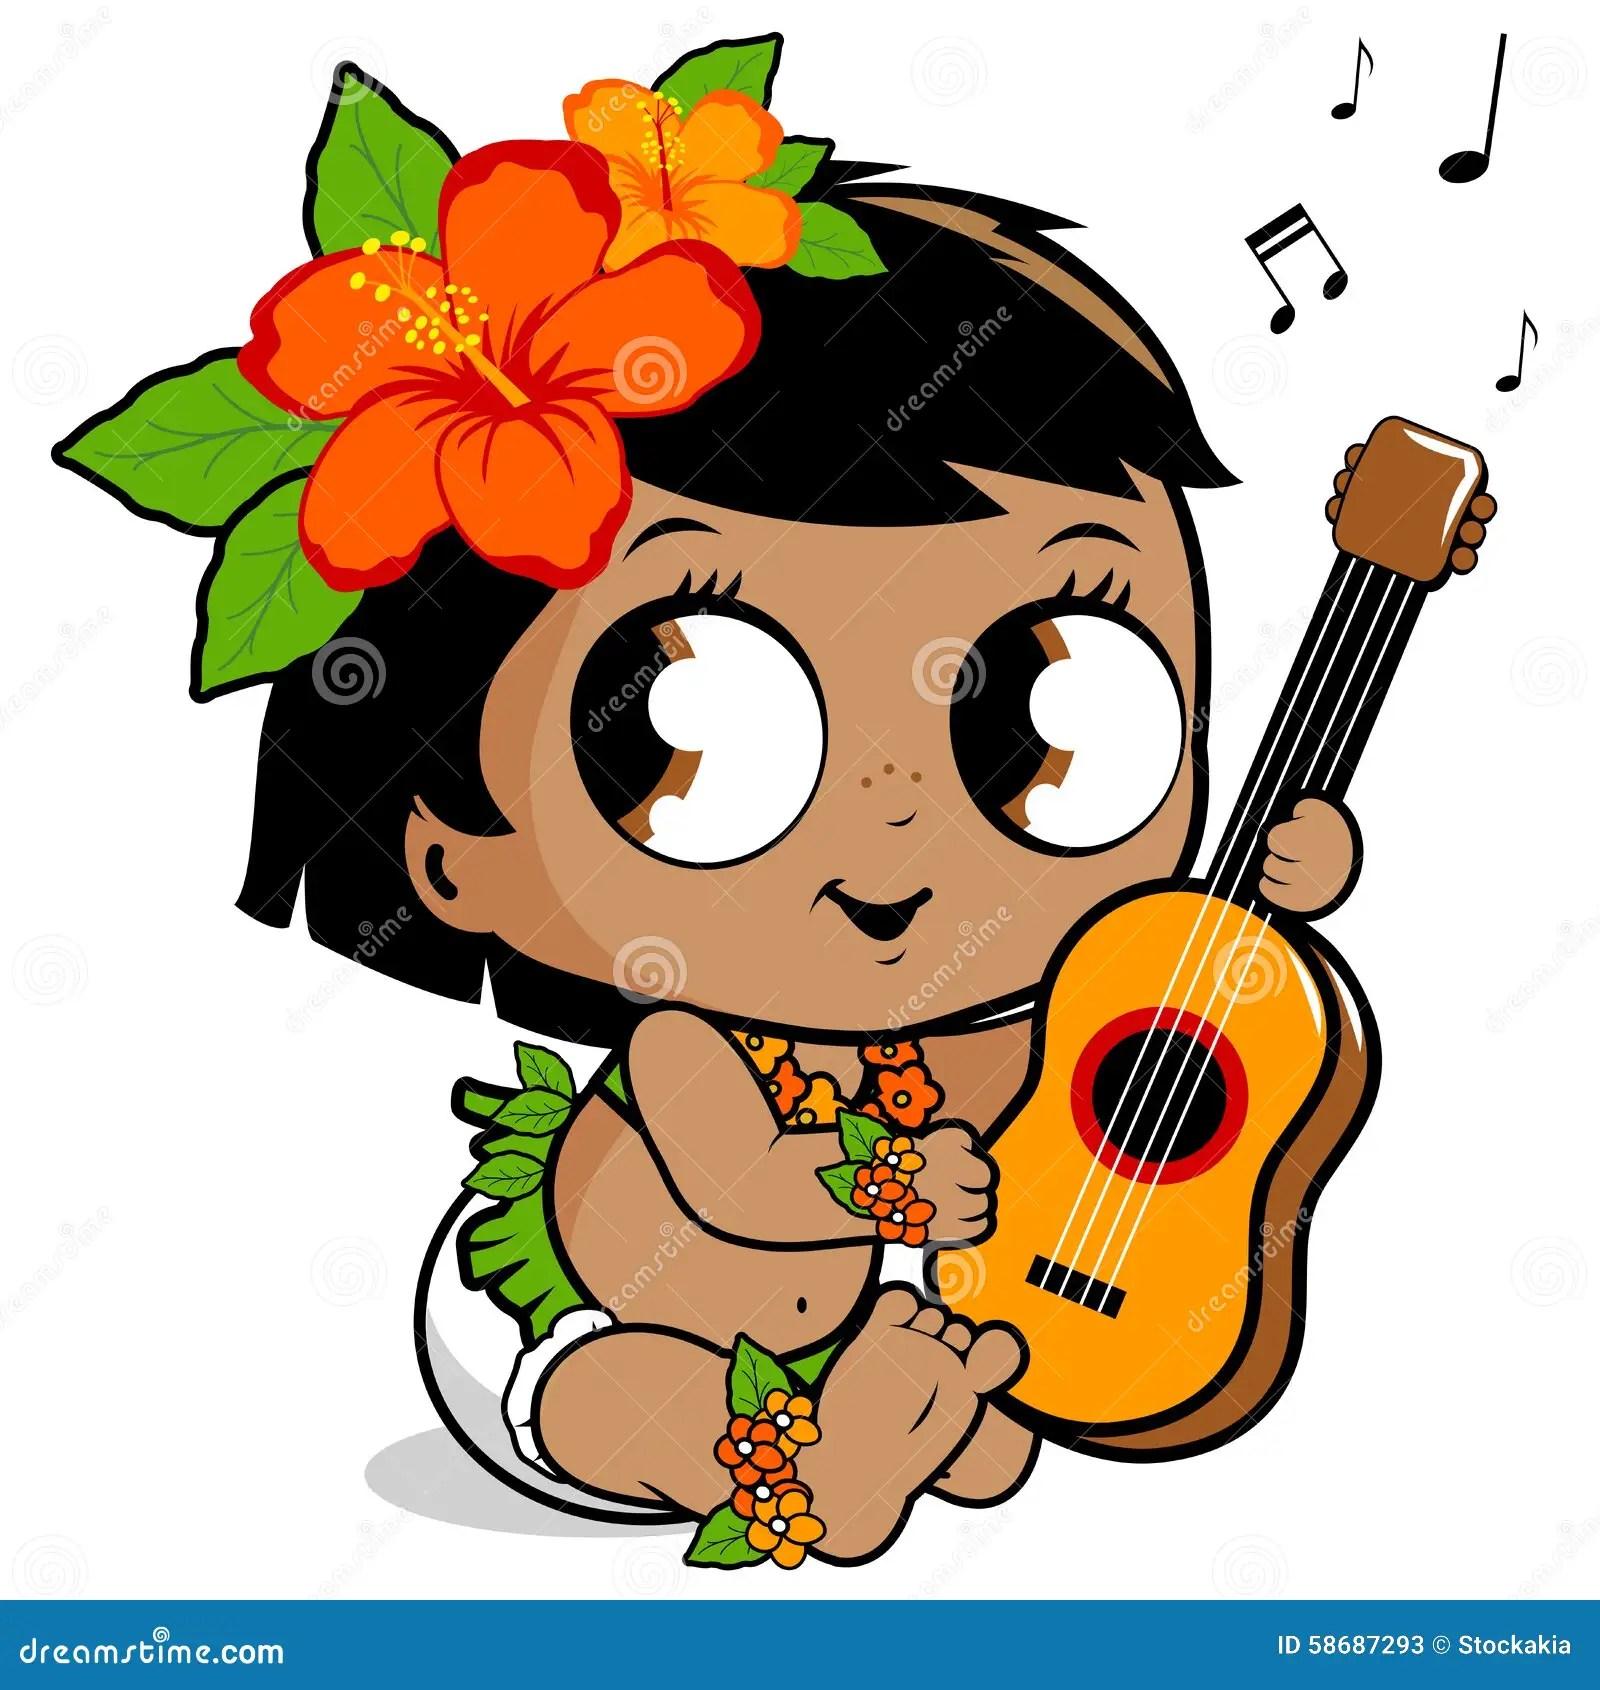 Cute Ukulele Wallpaper Hawaiian Baby Girl Playing The Ukulele Stock Vector